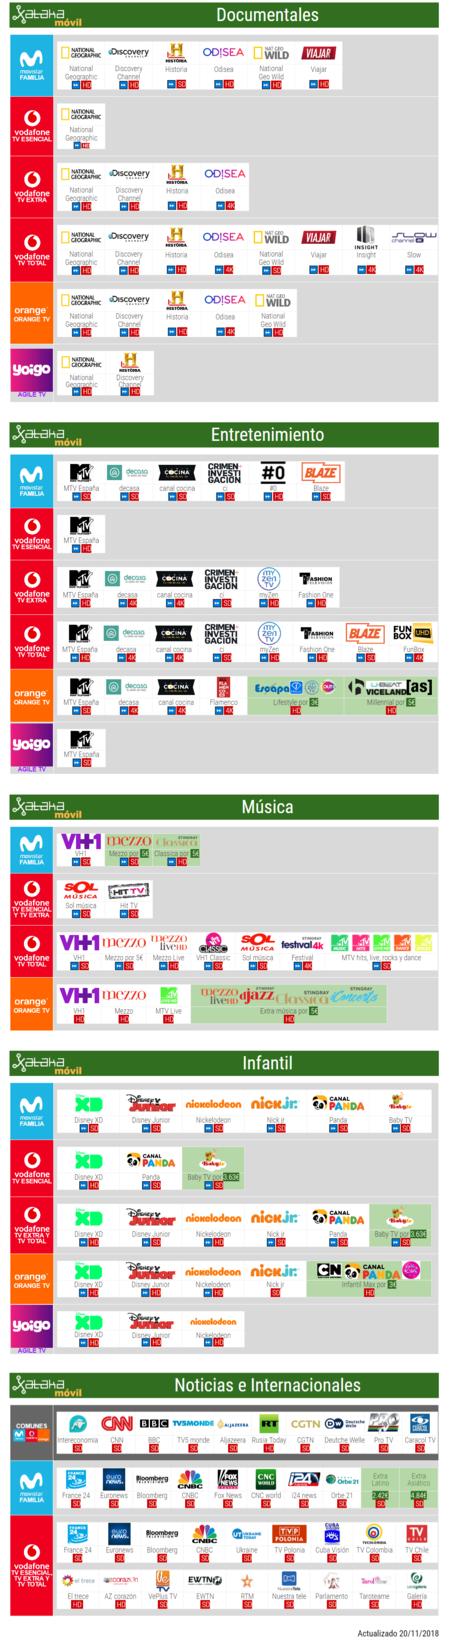 Comparativa Canales De Pago Infantiles Musica Noticias Con Movistar Vodafone Orange Yoigo Noviembre 2018 Octubre 2018